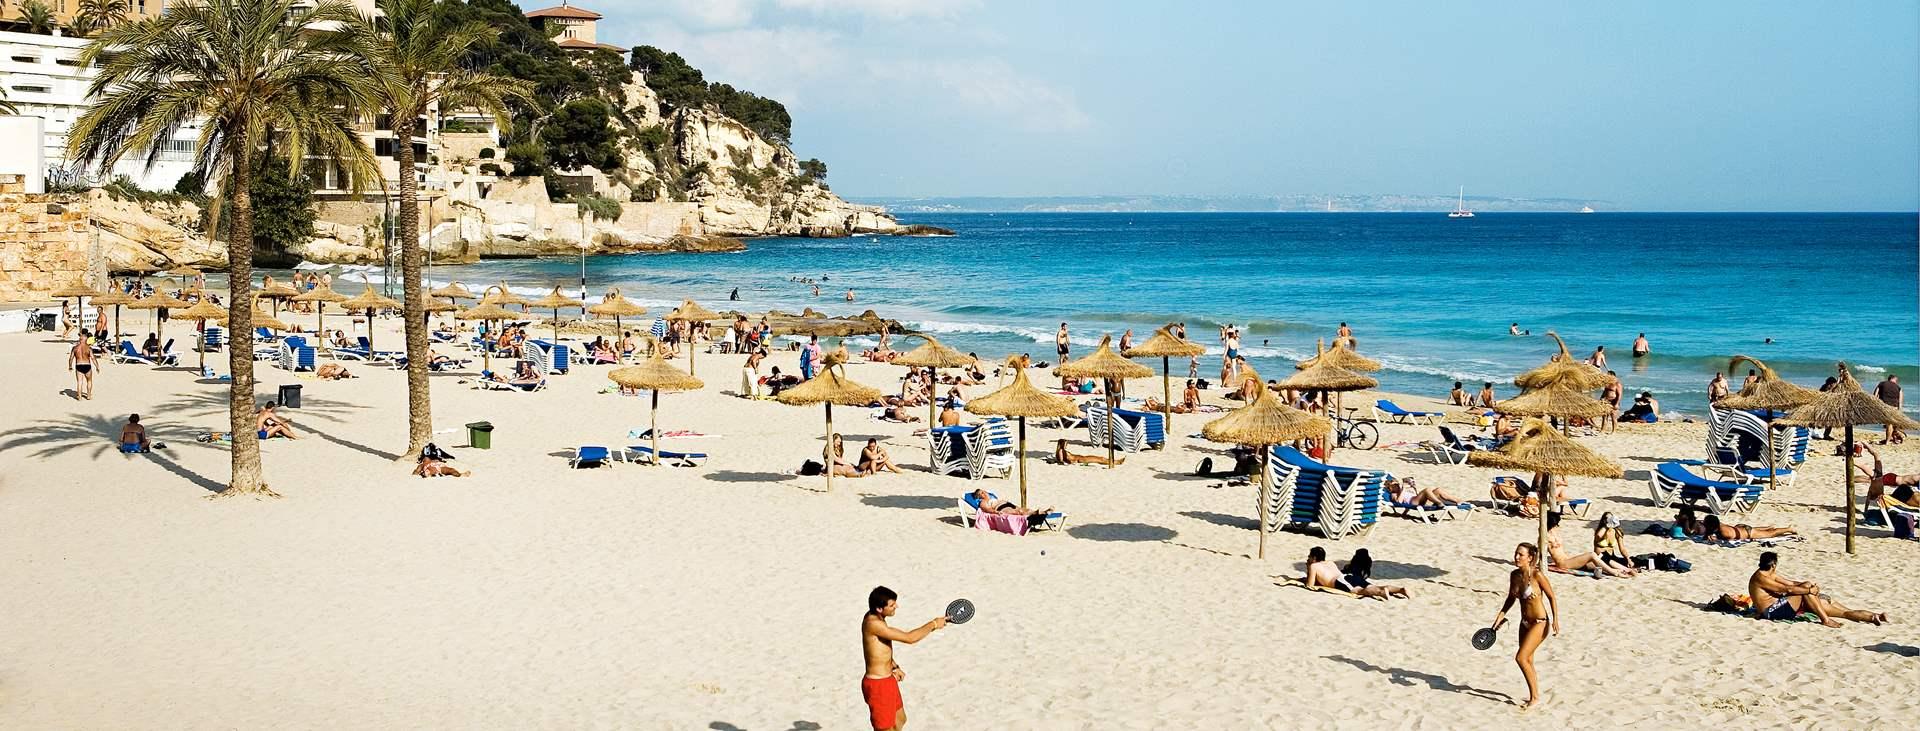 Boka din resa till Cala Mayor på Mallorca med Ving